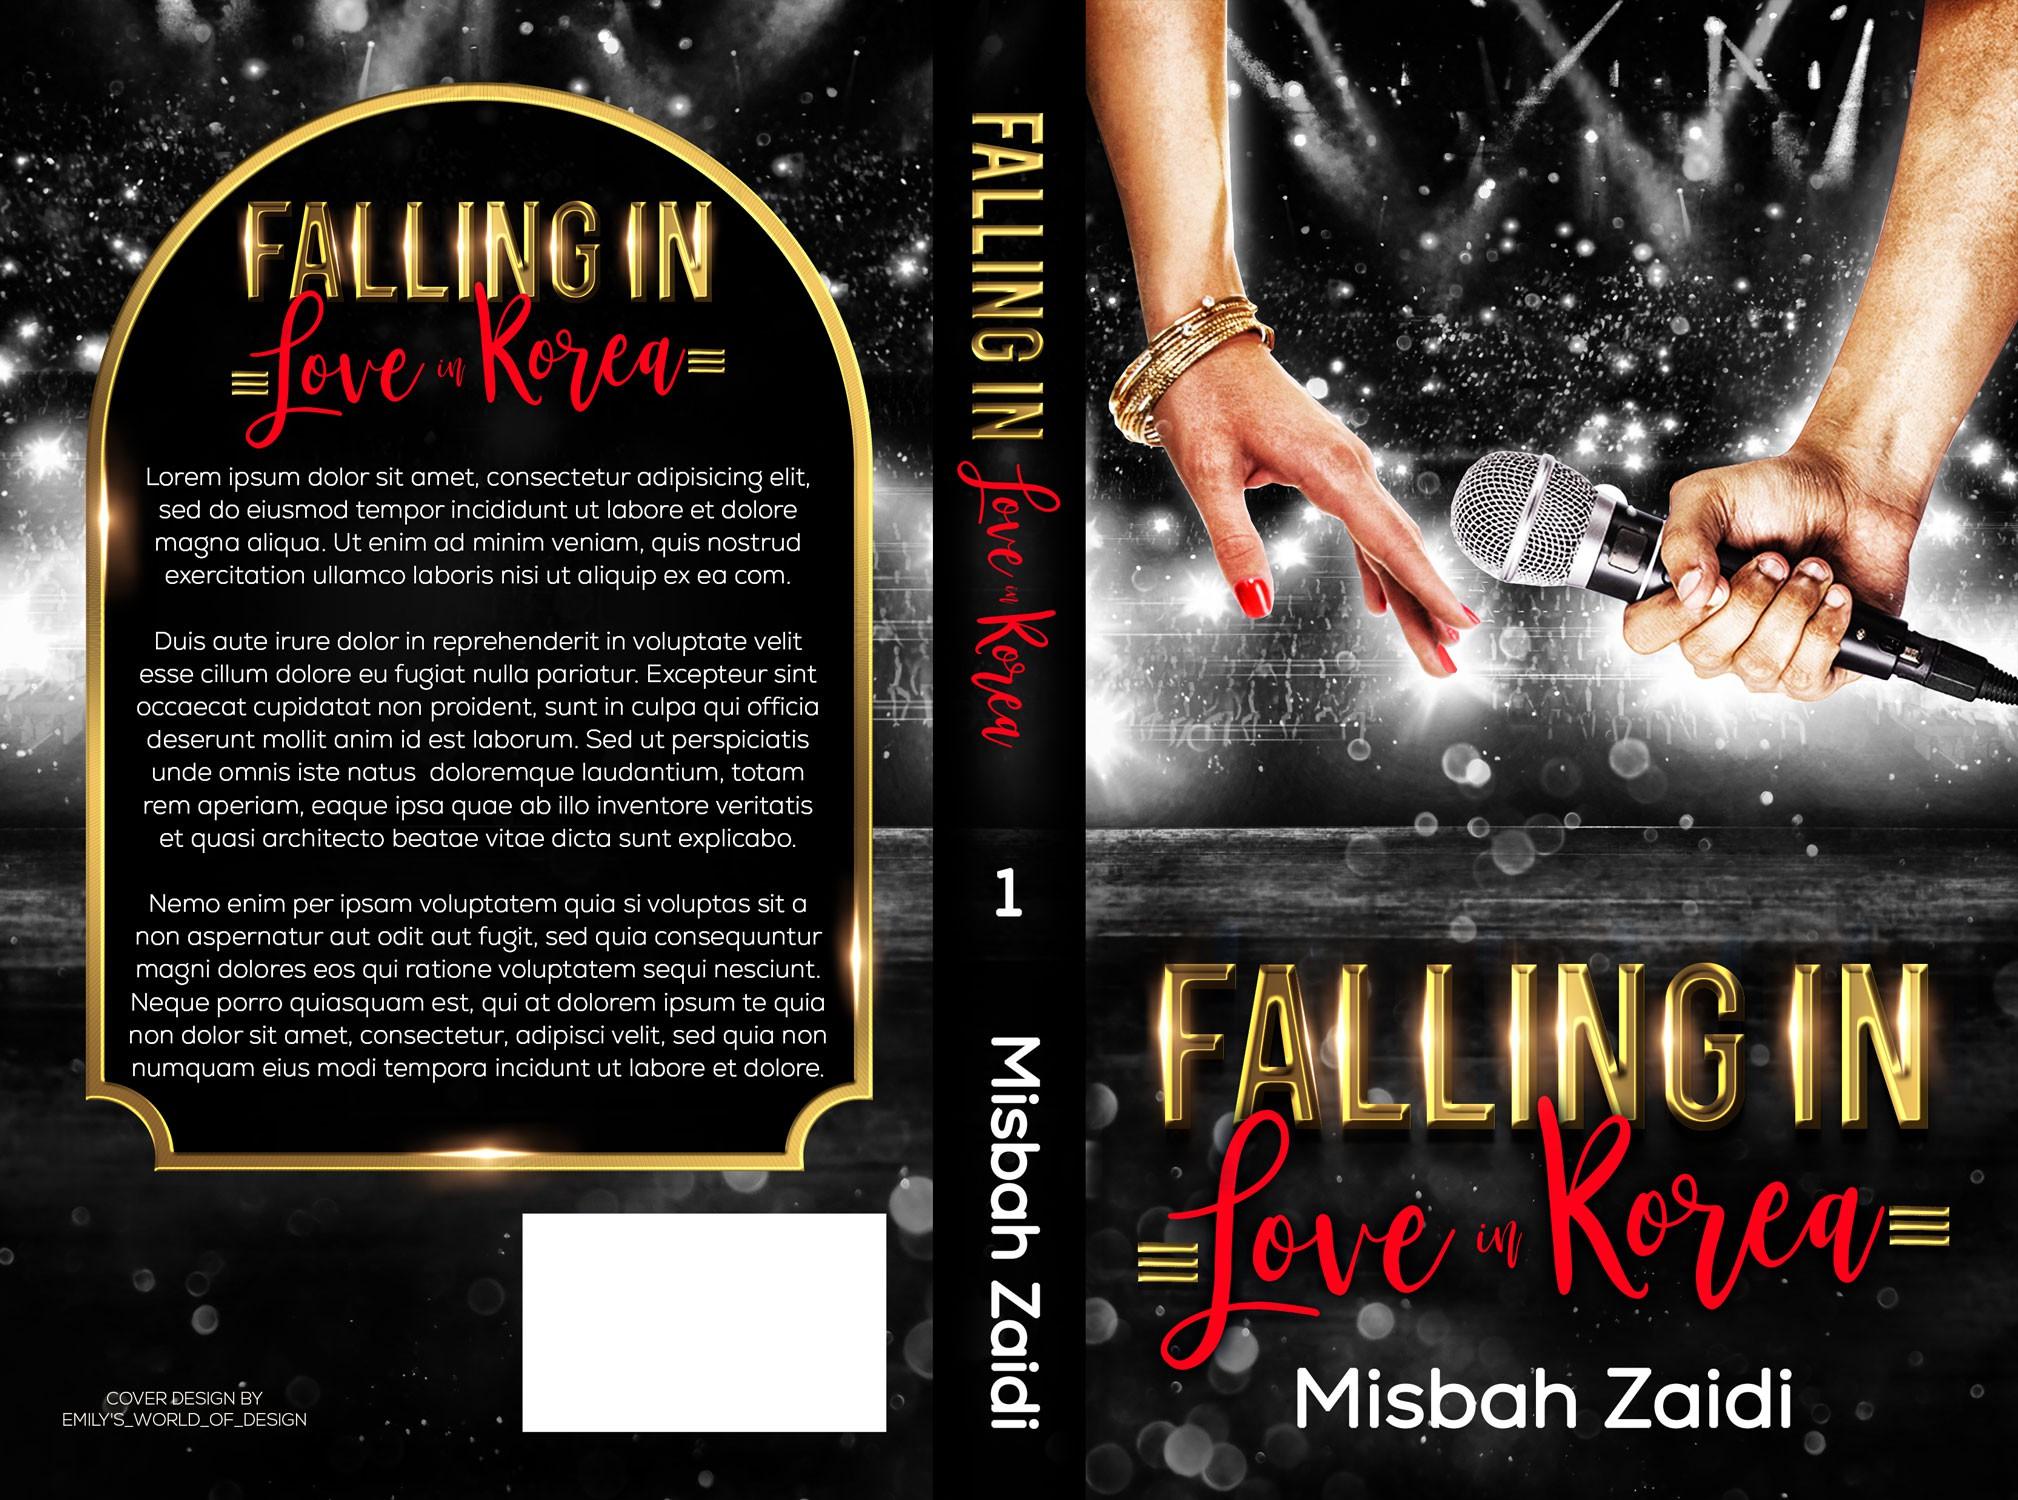 Falling in Love in Korea